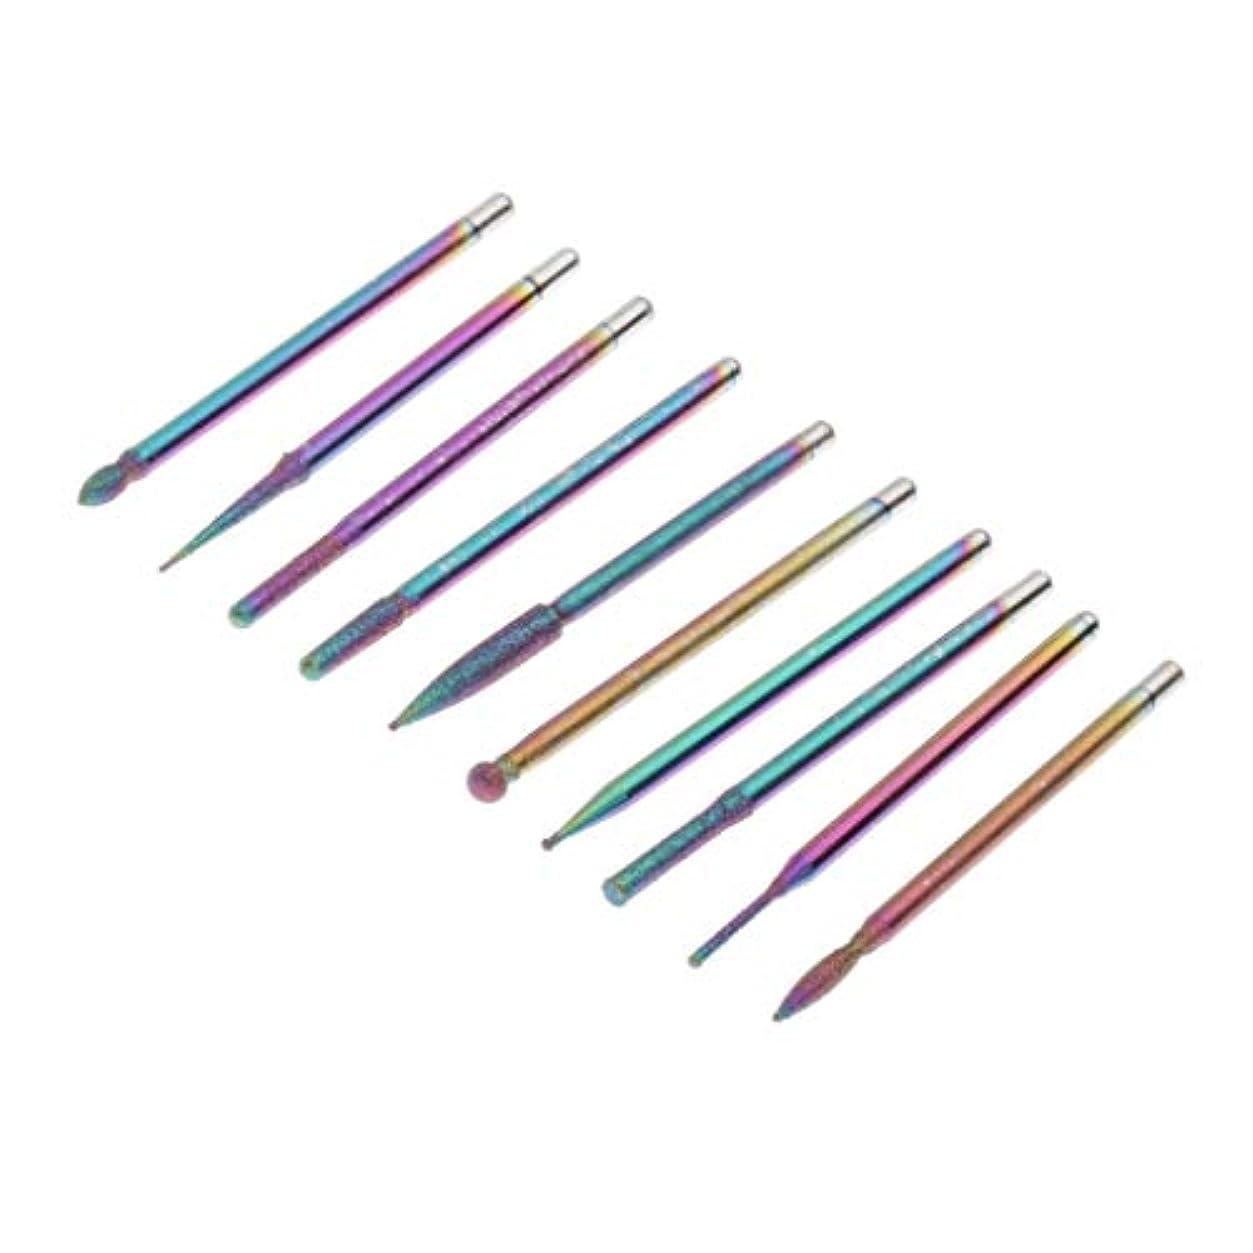 問い合わせパスポートさておきSM SunniMix ネイルアート ドリルビット セット 研削ヘッド 研磨ヘッド ネイルビット 爪磨き ツール 約10個 全3色 - 03